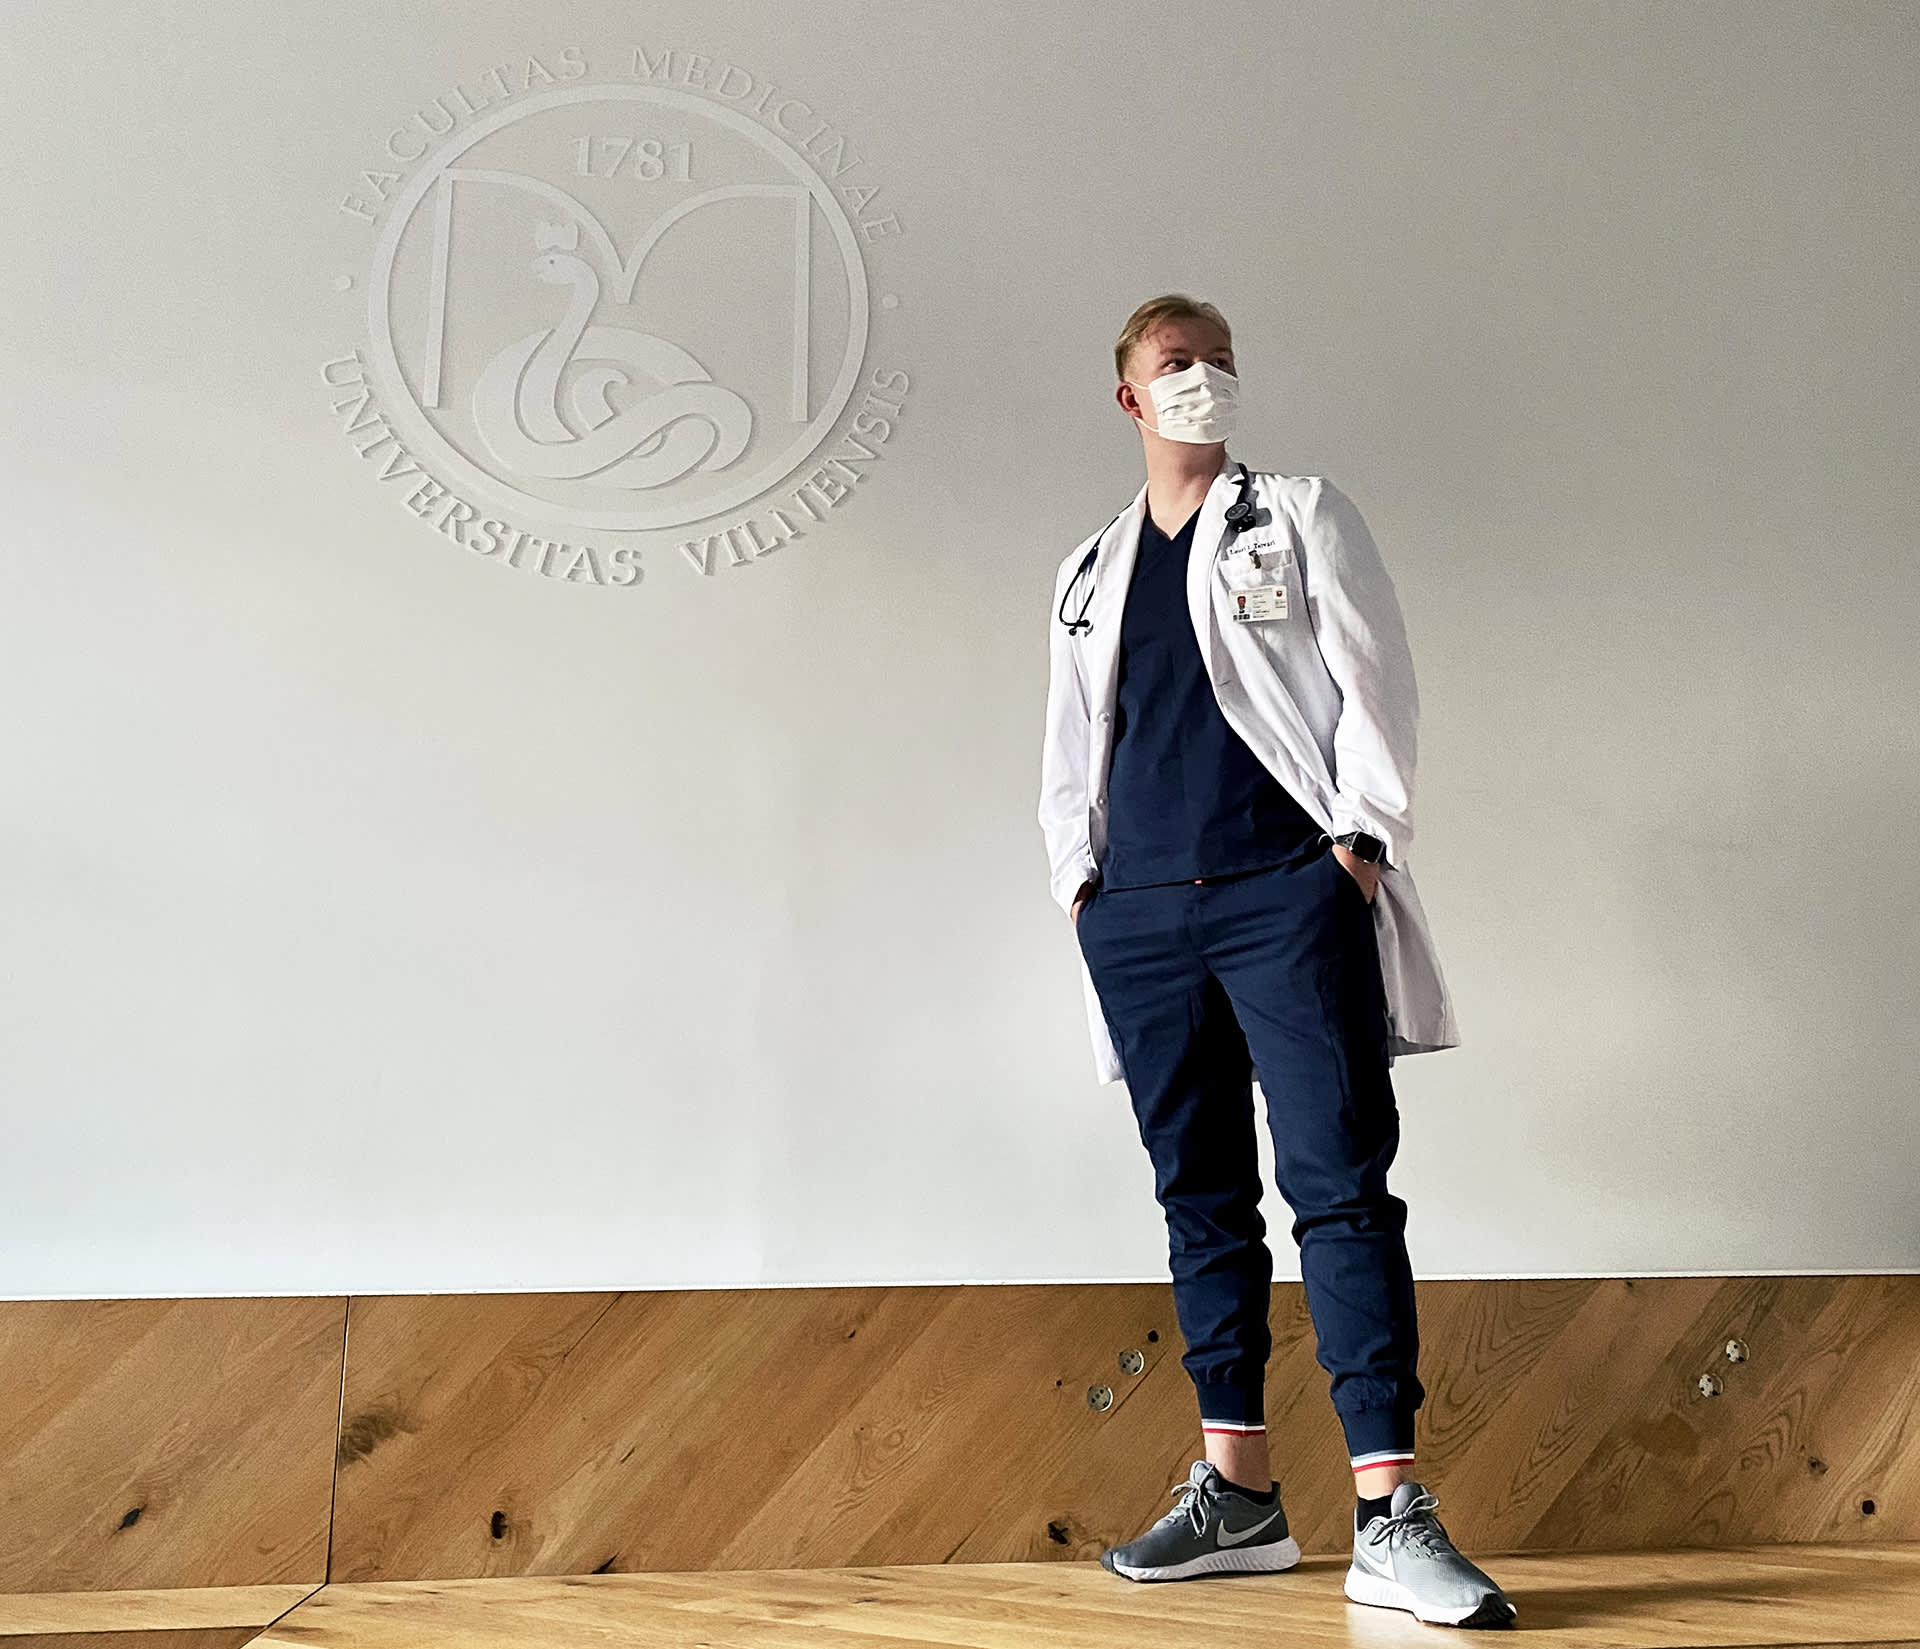 Nuori mies lääkärinvaatteissa seisoo Vilnan yliopiston logon alla.